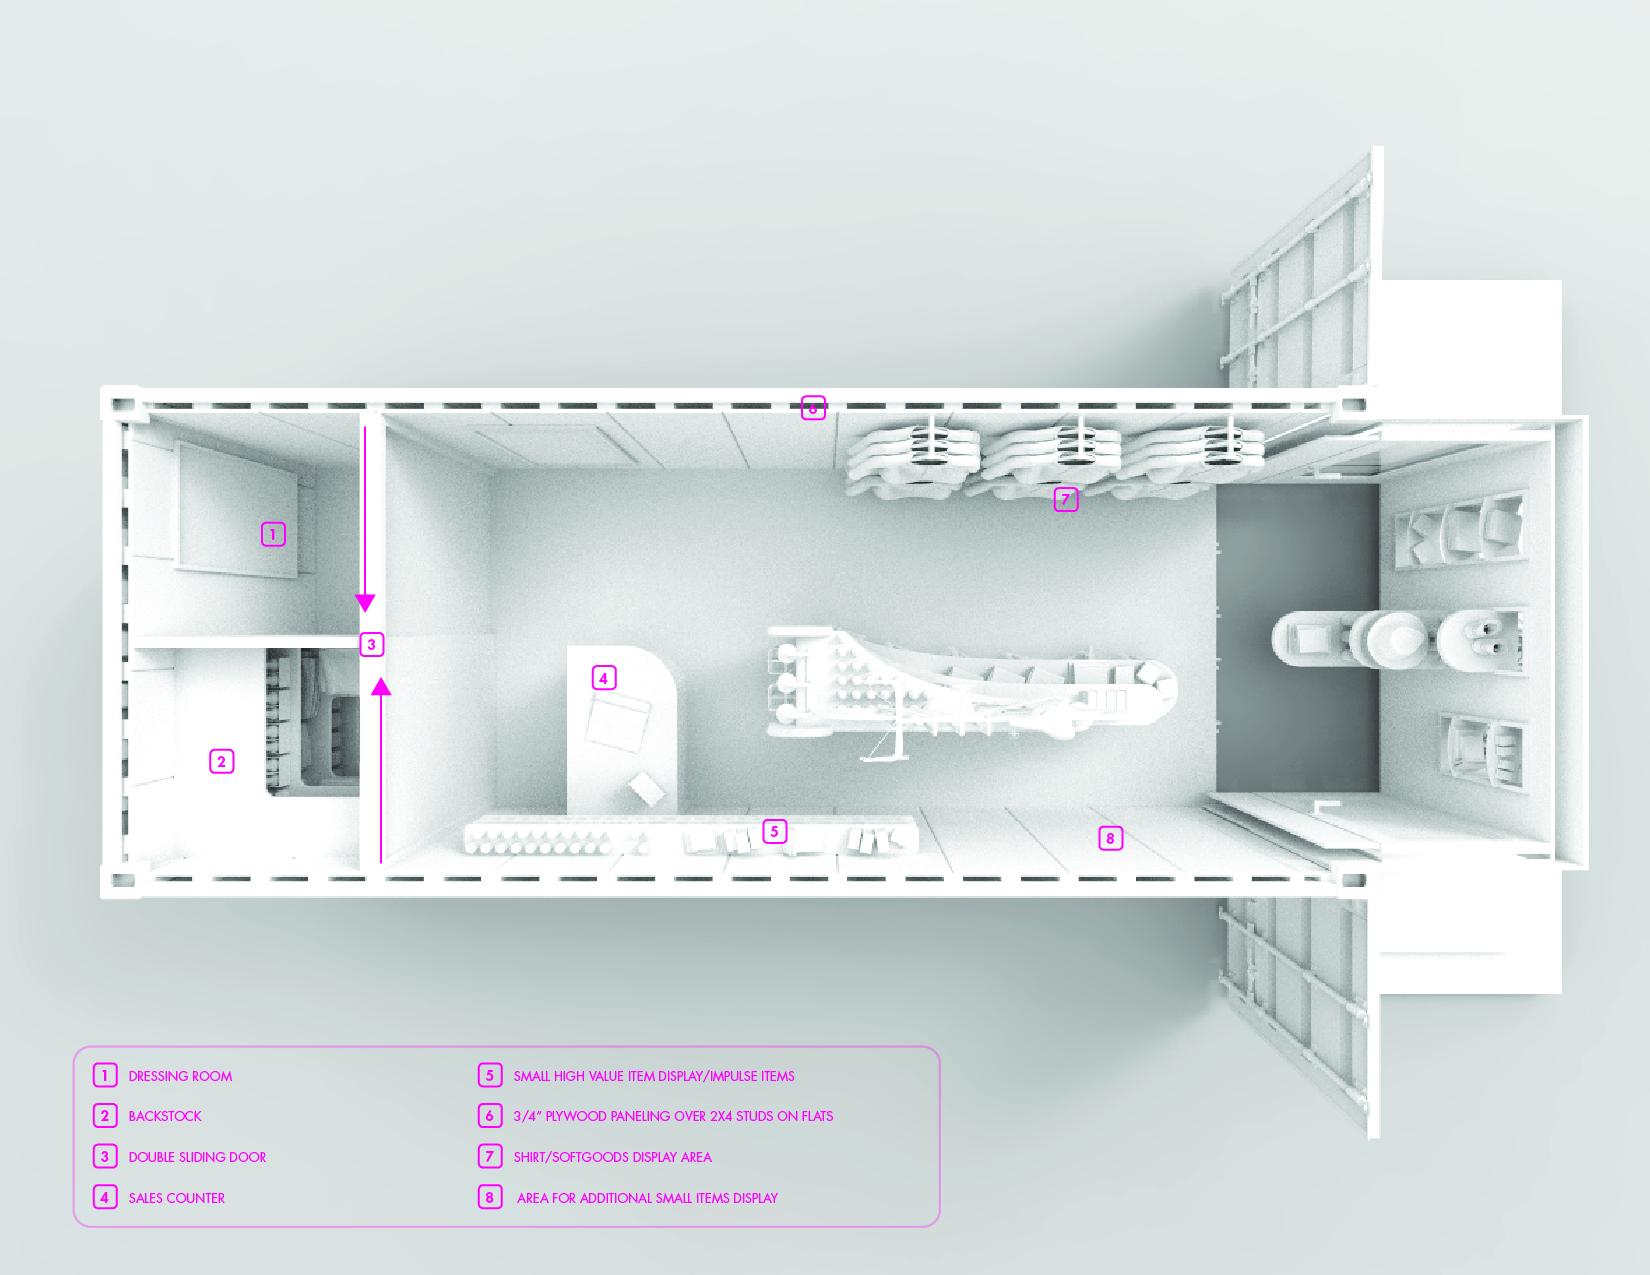 Containor pres 1-03.jpg